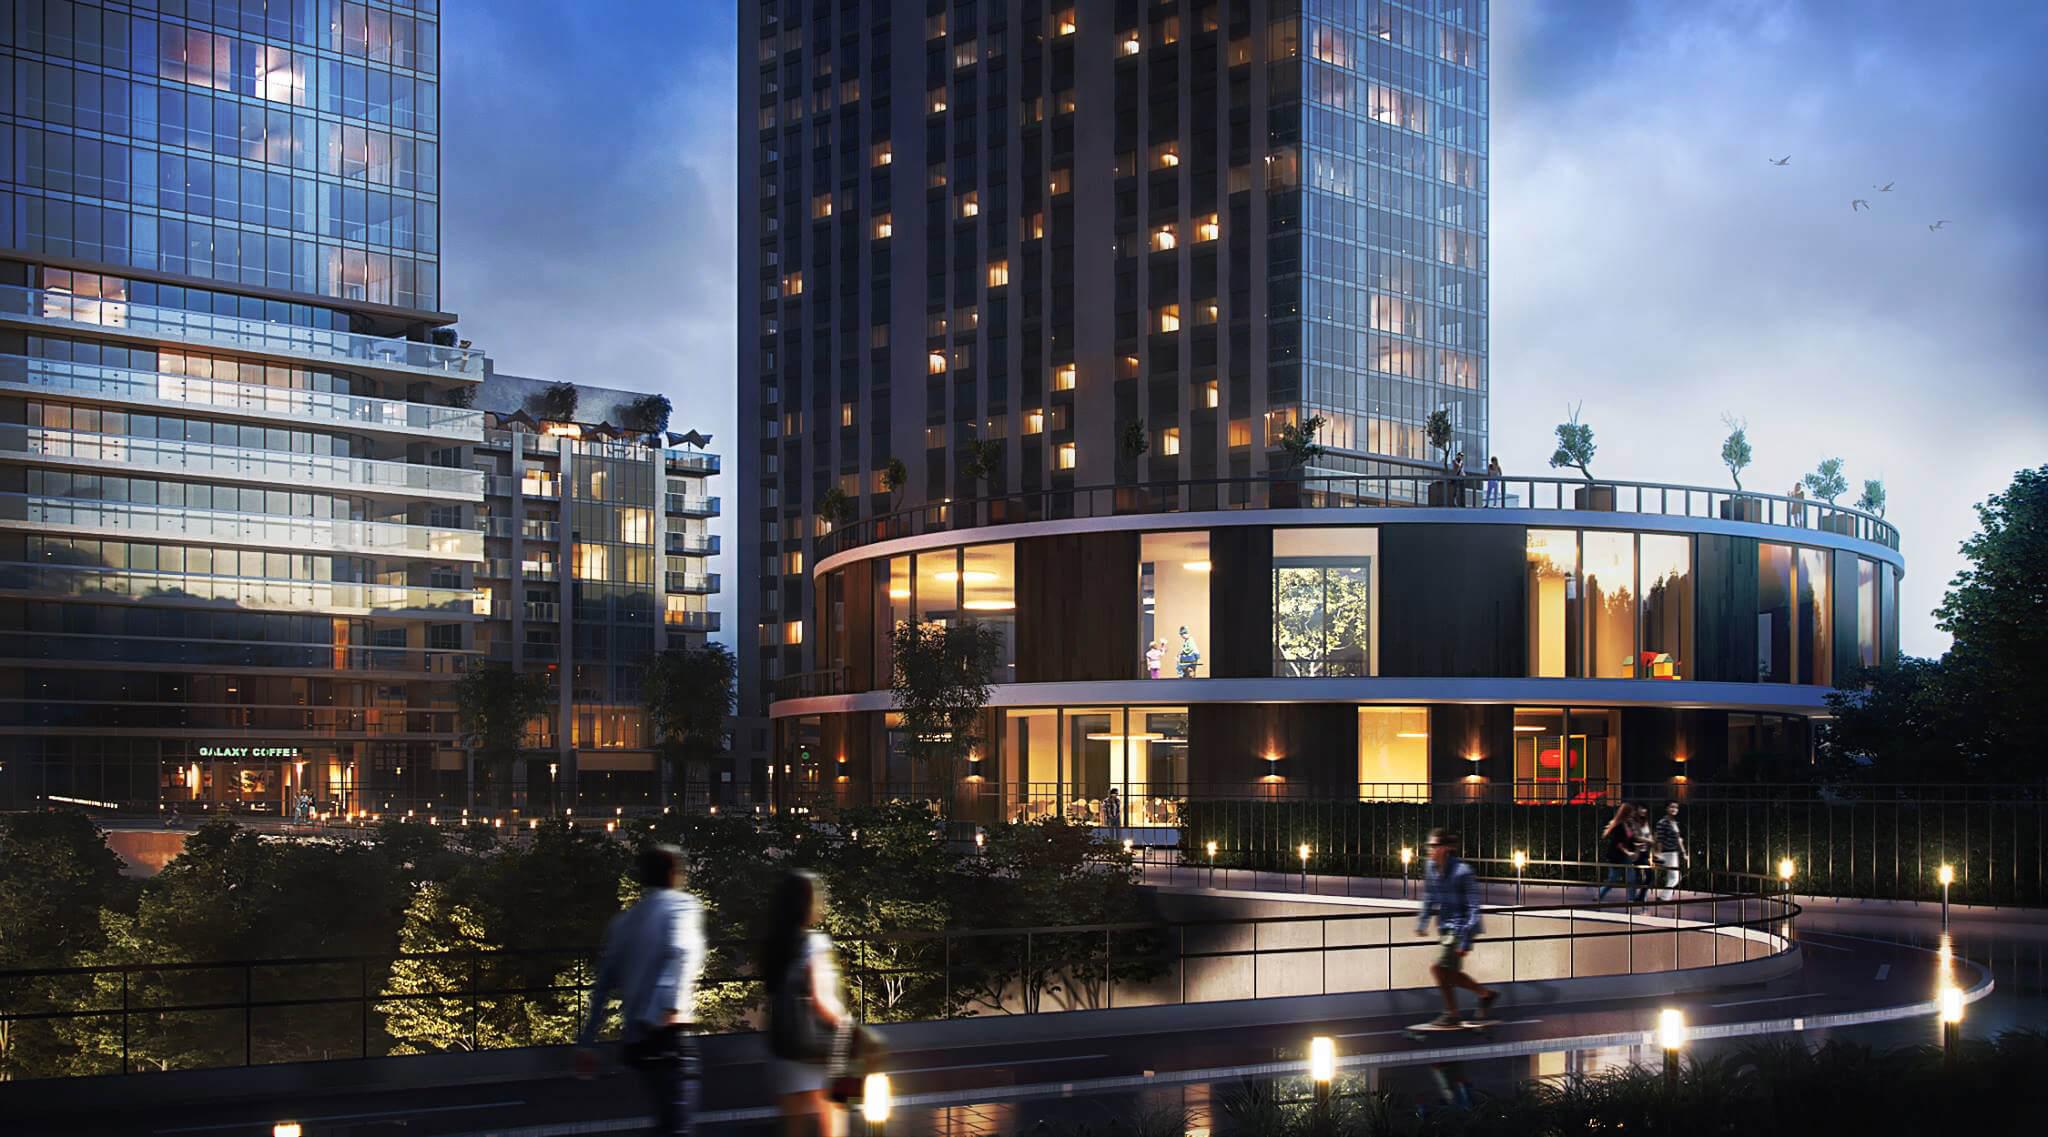 Evening CGI View for a Business Center Design